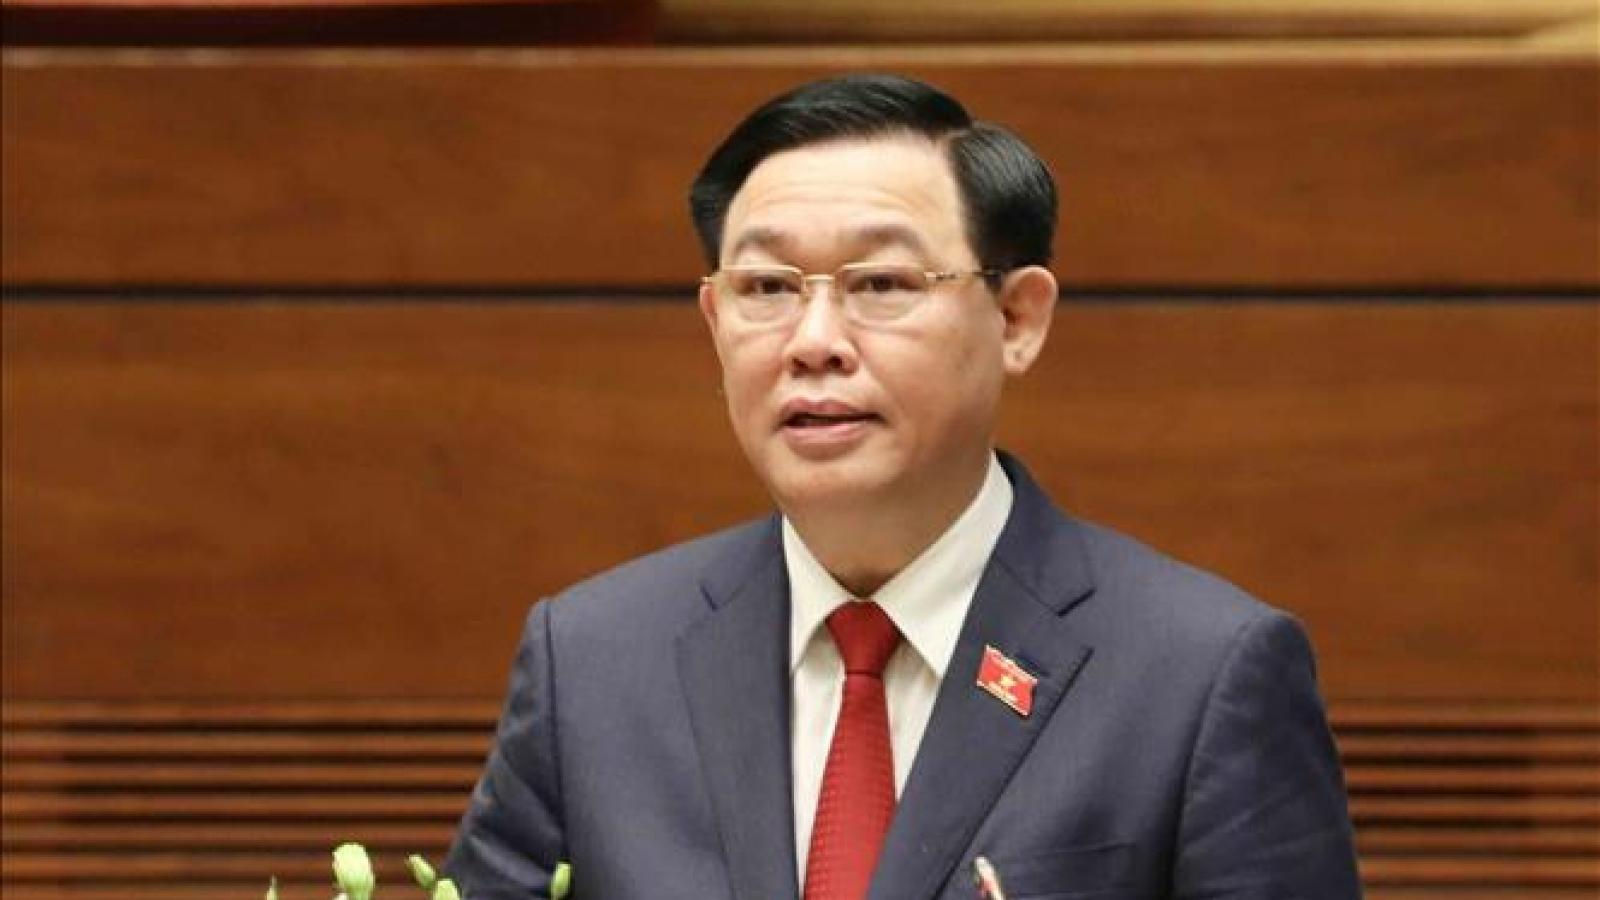 Lãnh đạo Nghị viện các nước chúc mừng Chủ tịch Quốc hội Vương Đình Huệ